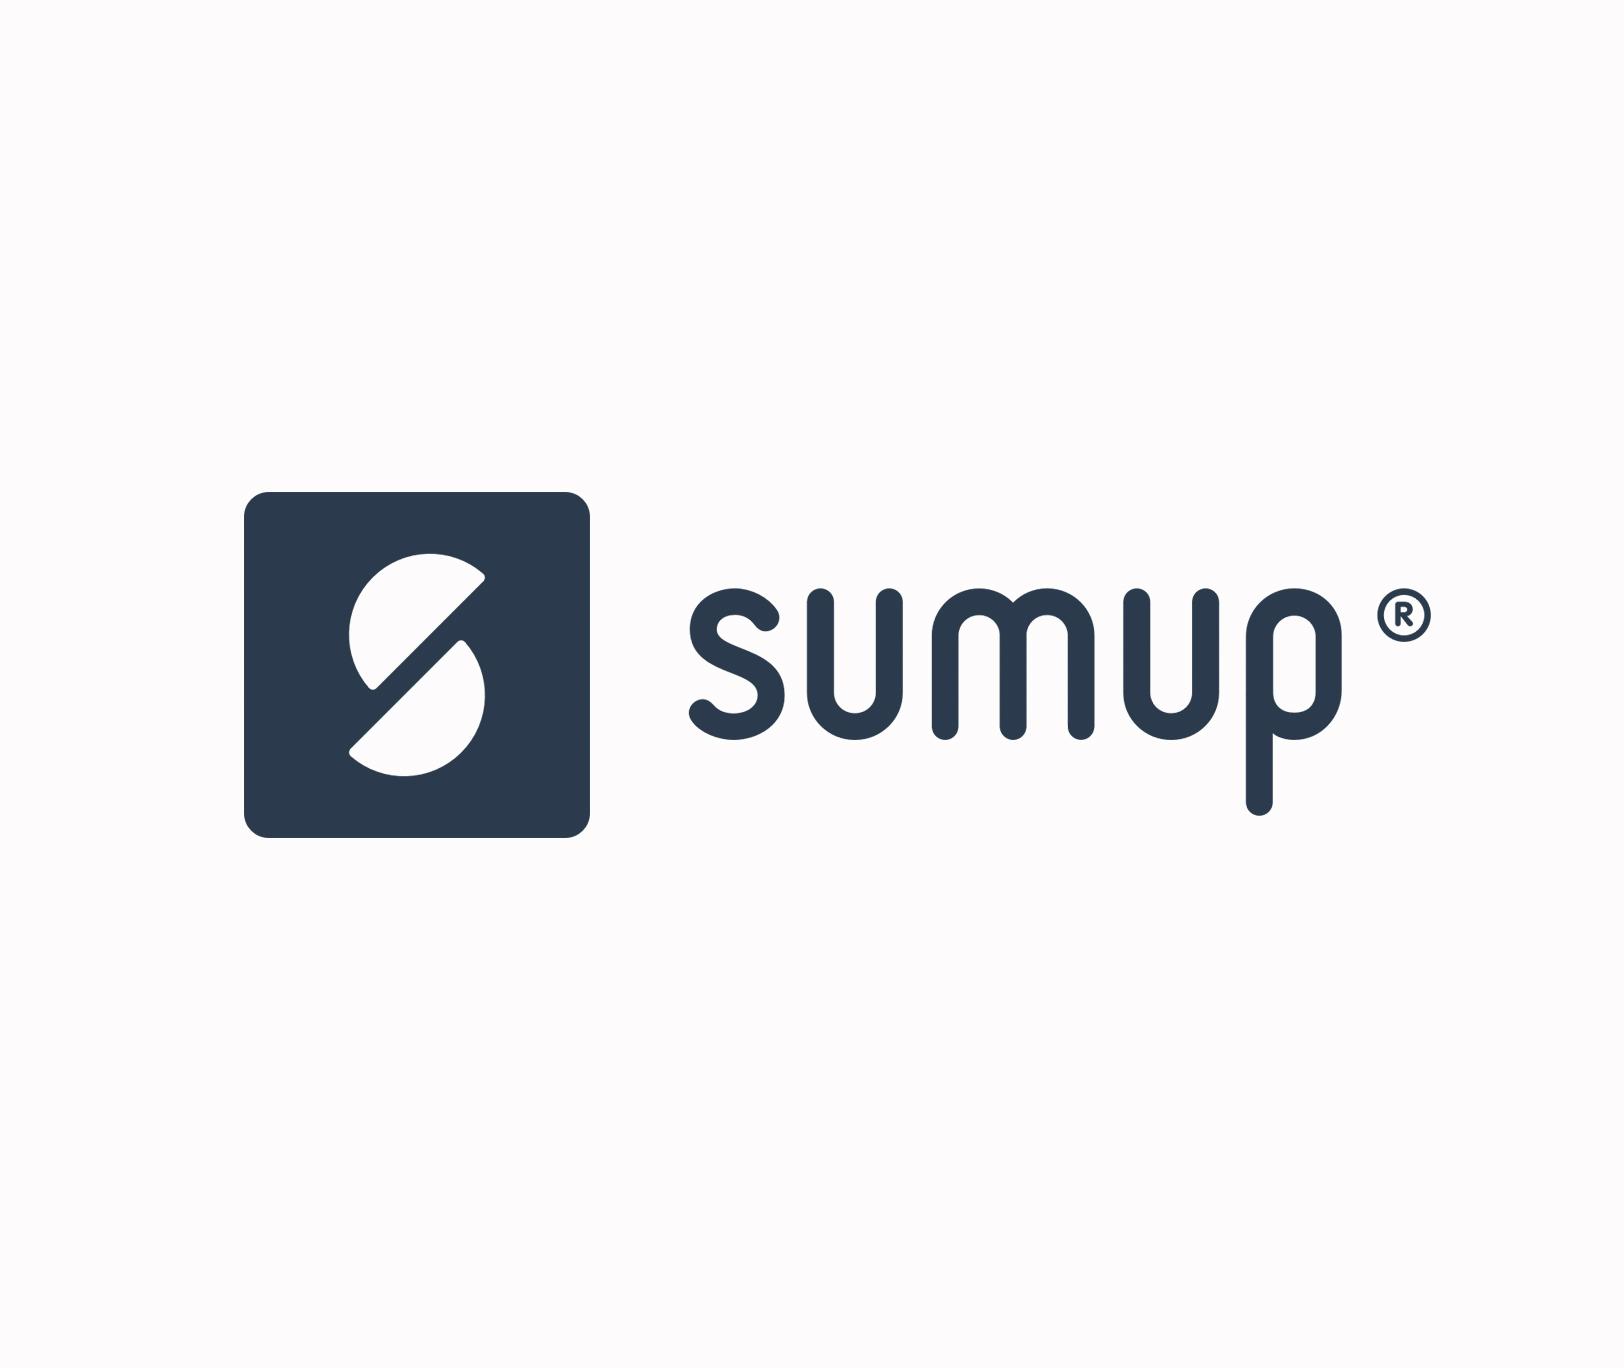 sumup1.jpg